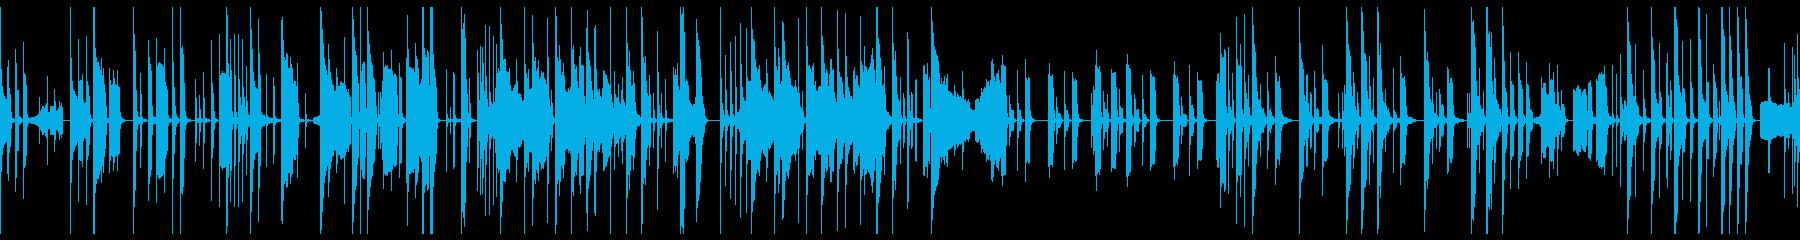 エレピを使った素朴でポップなBGMの再生済みの波形